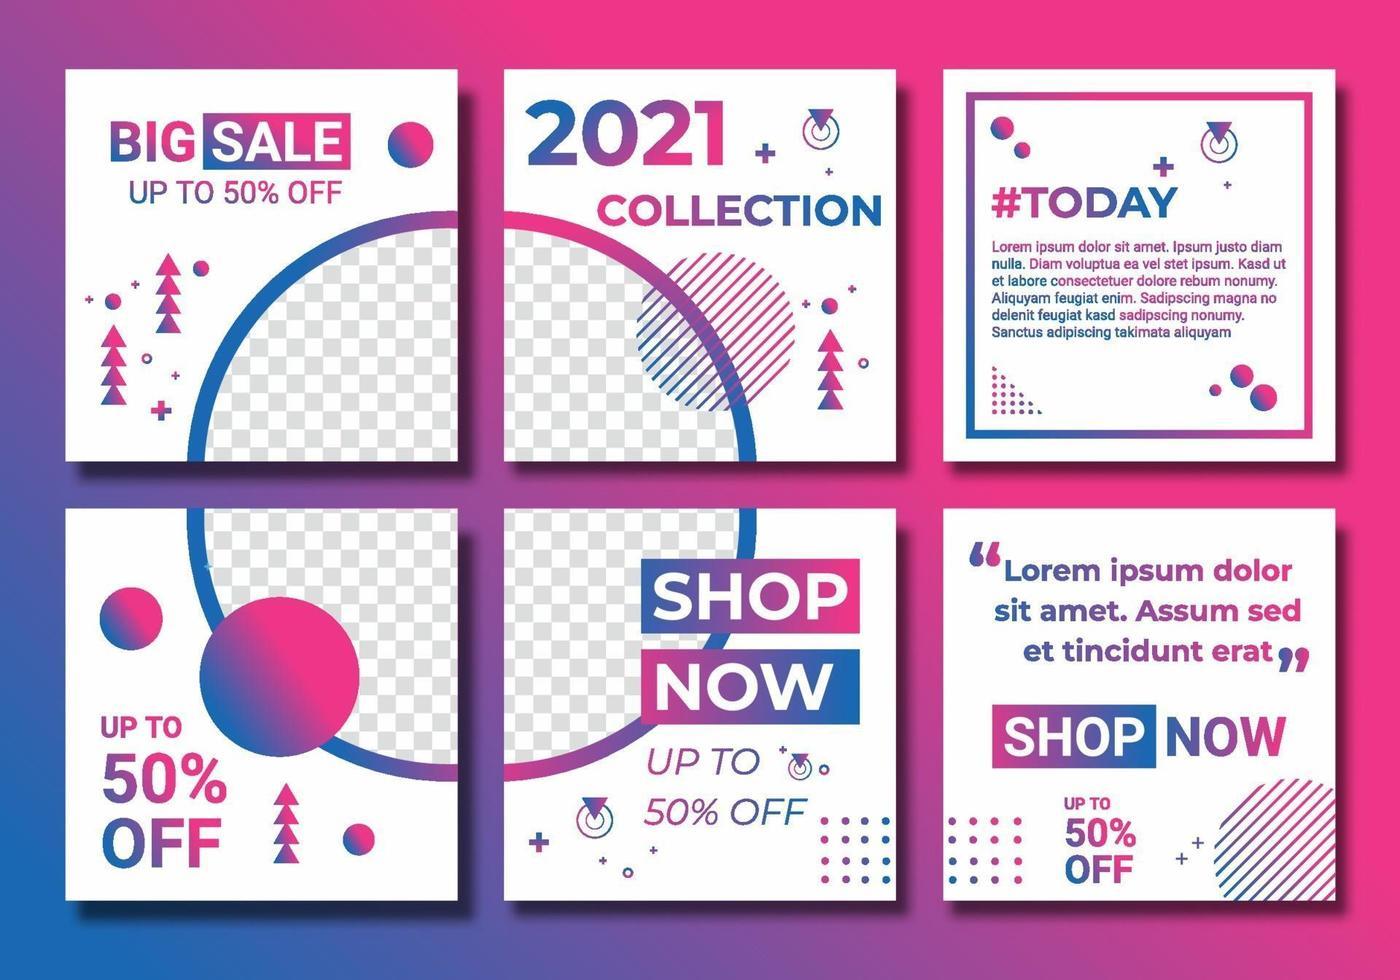 templates set mídia social post para anúncio de venda de moda, design com gradiente de cor rosa, roxo e azul. modelo de plano de fundo com espaço de cópia para imagens projetadas por artes de linha coloridas abstratas vetor